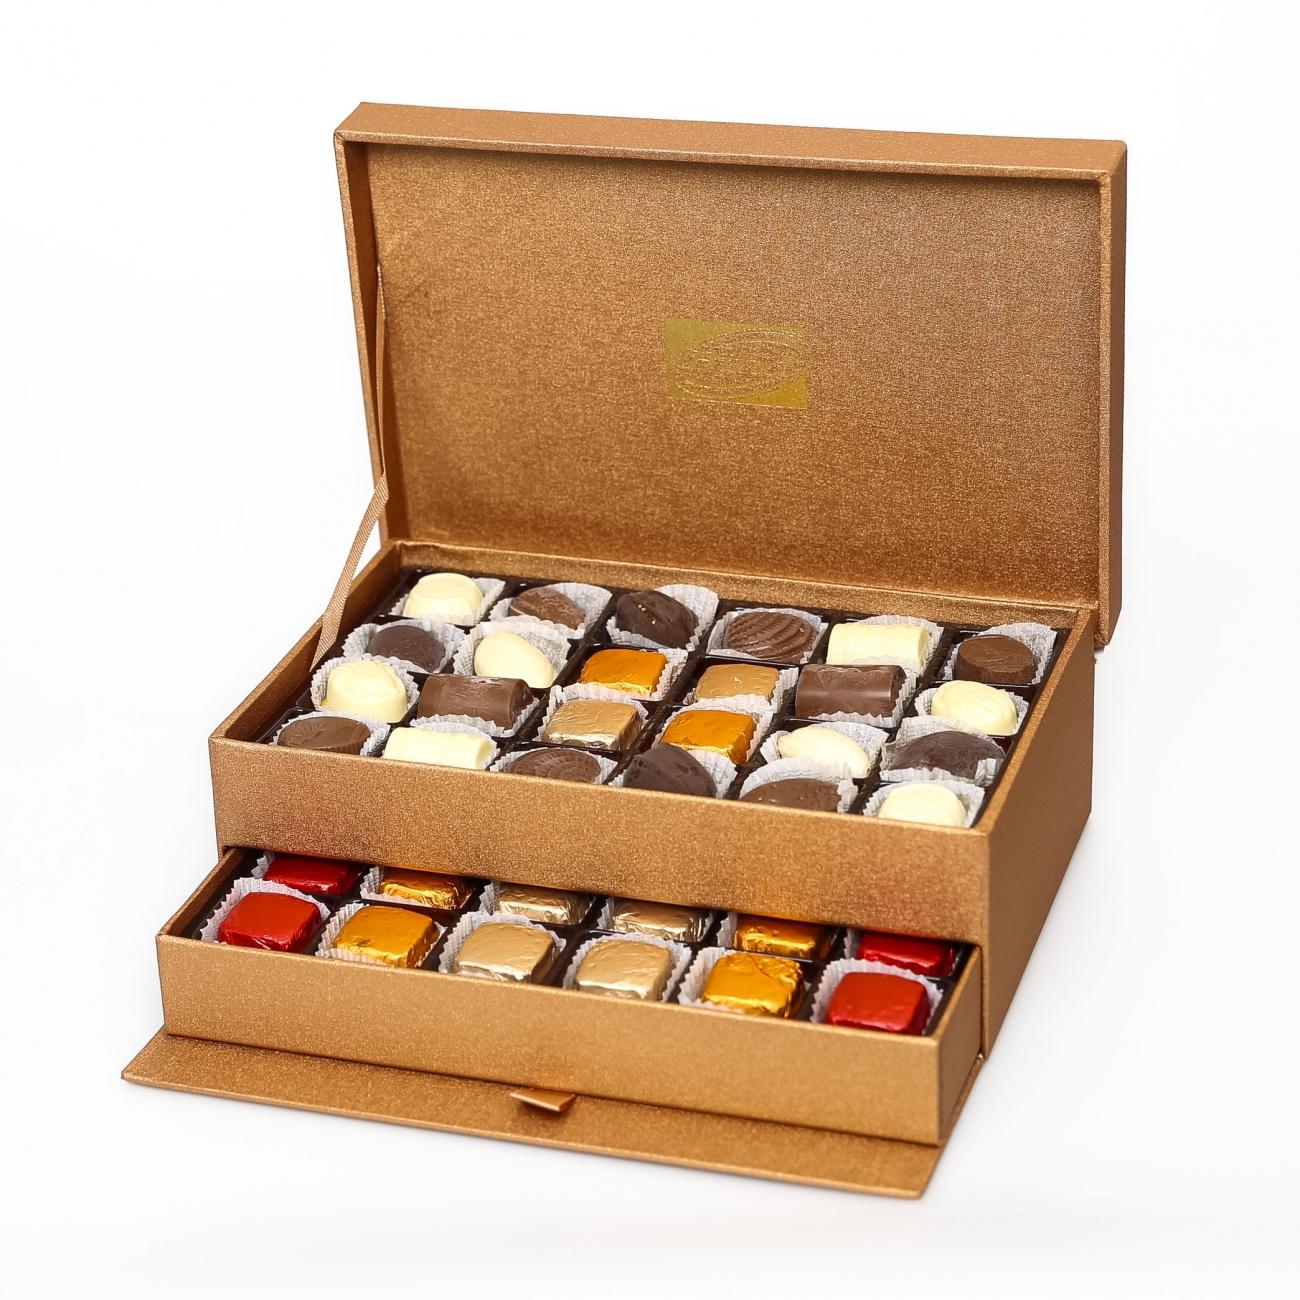 Сбор заказов. Турецкий шоколад Bind премиум сегмента. Совершенство формы и содержания